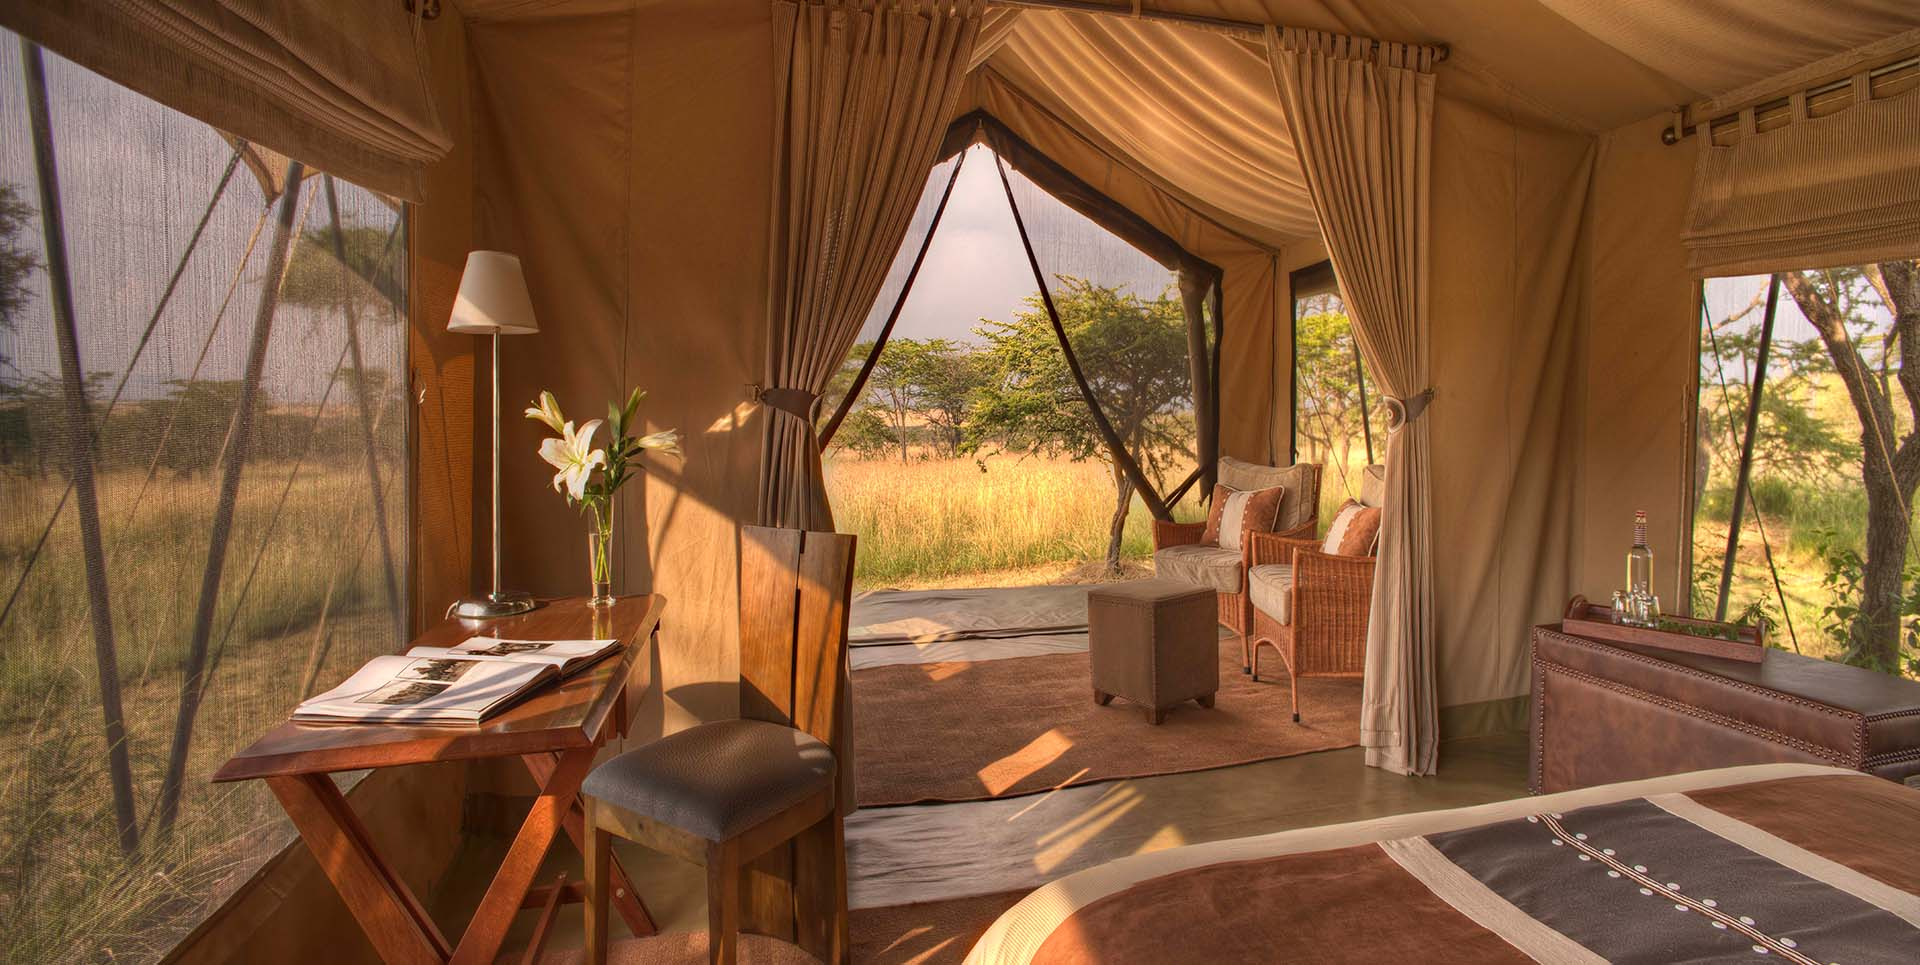 Naboisho-Camp-header -guest-tent-interior-